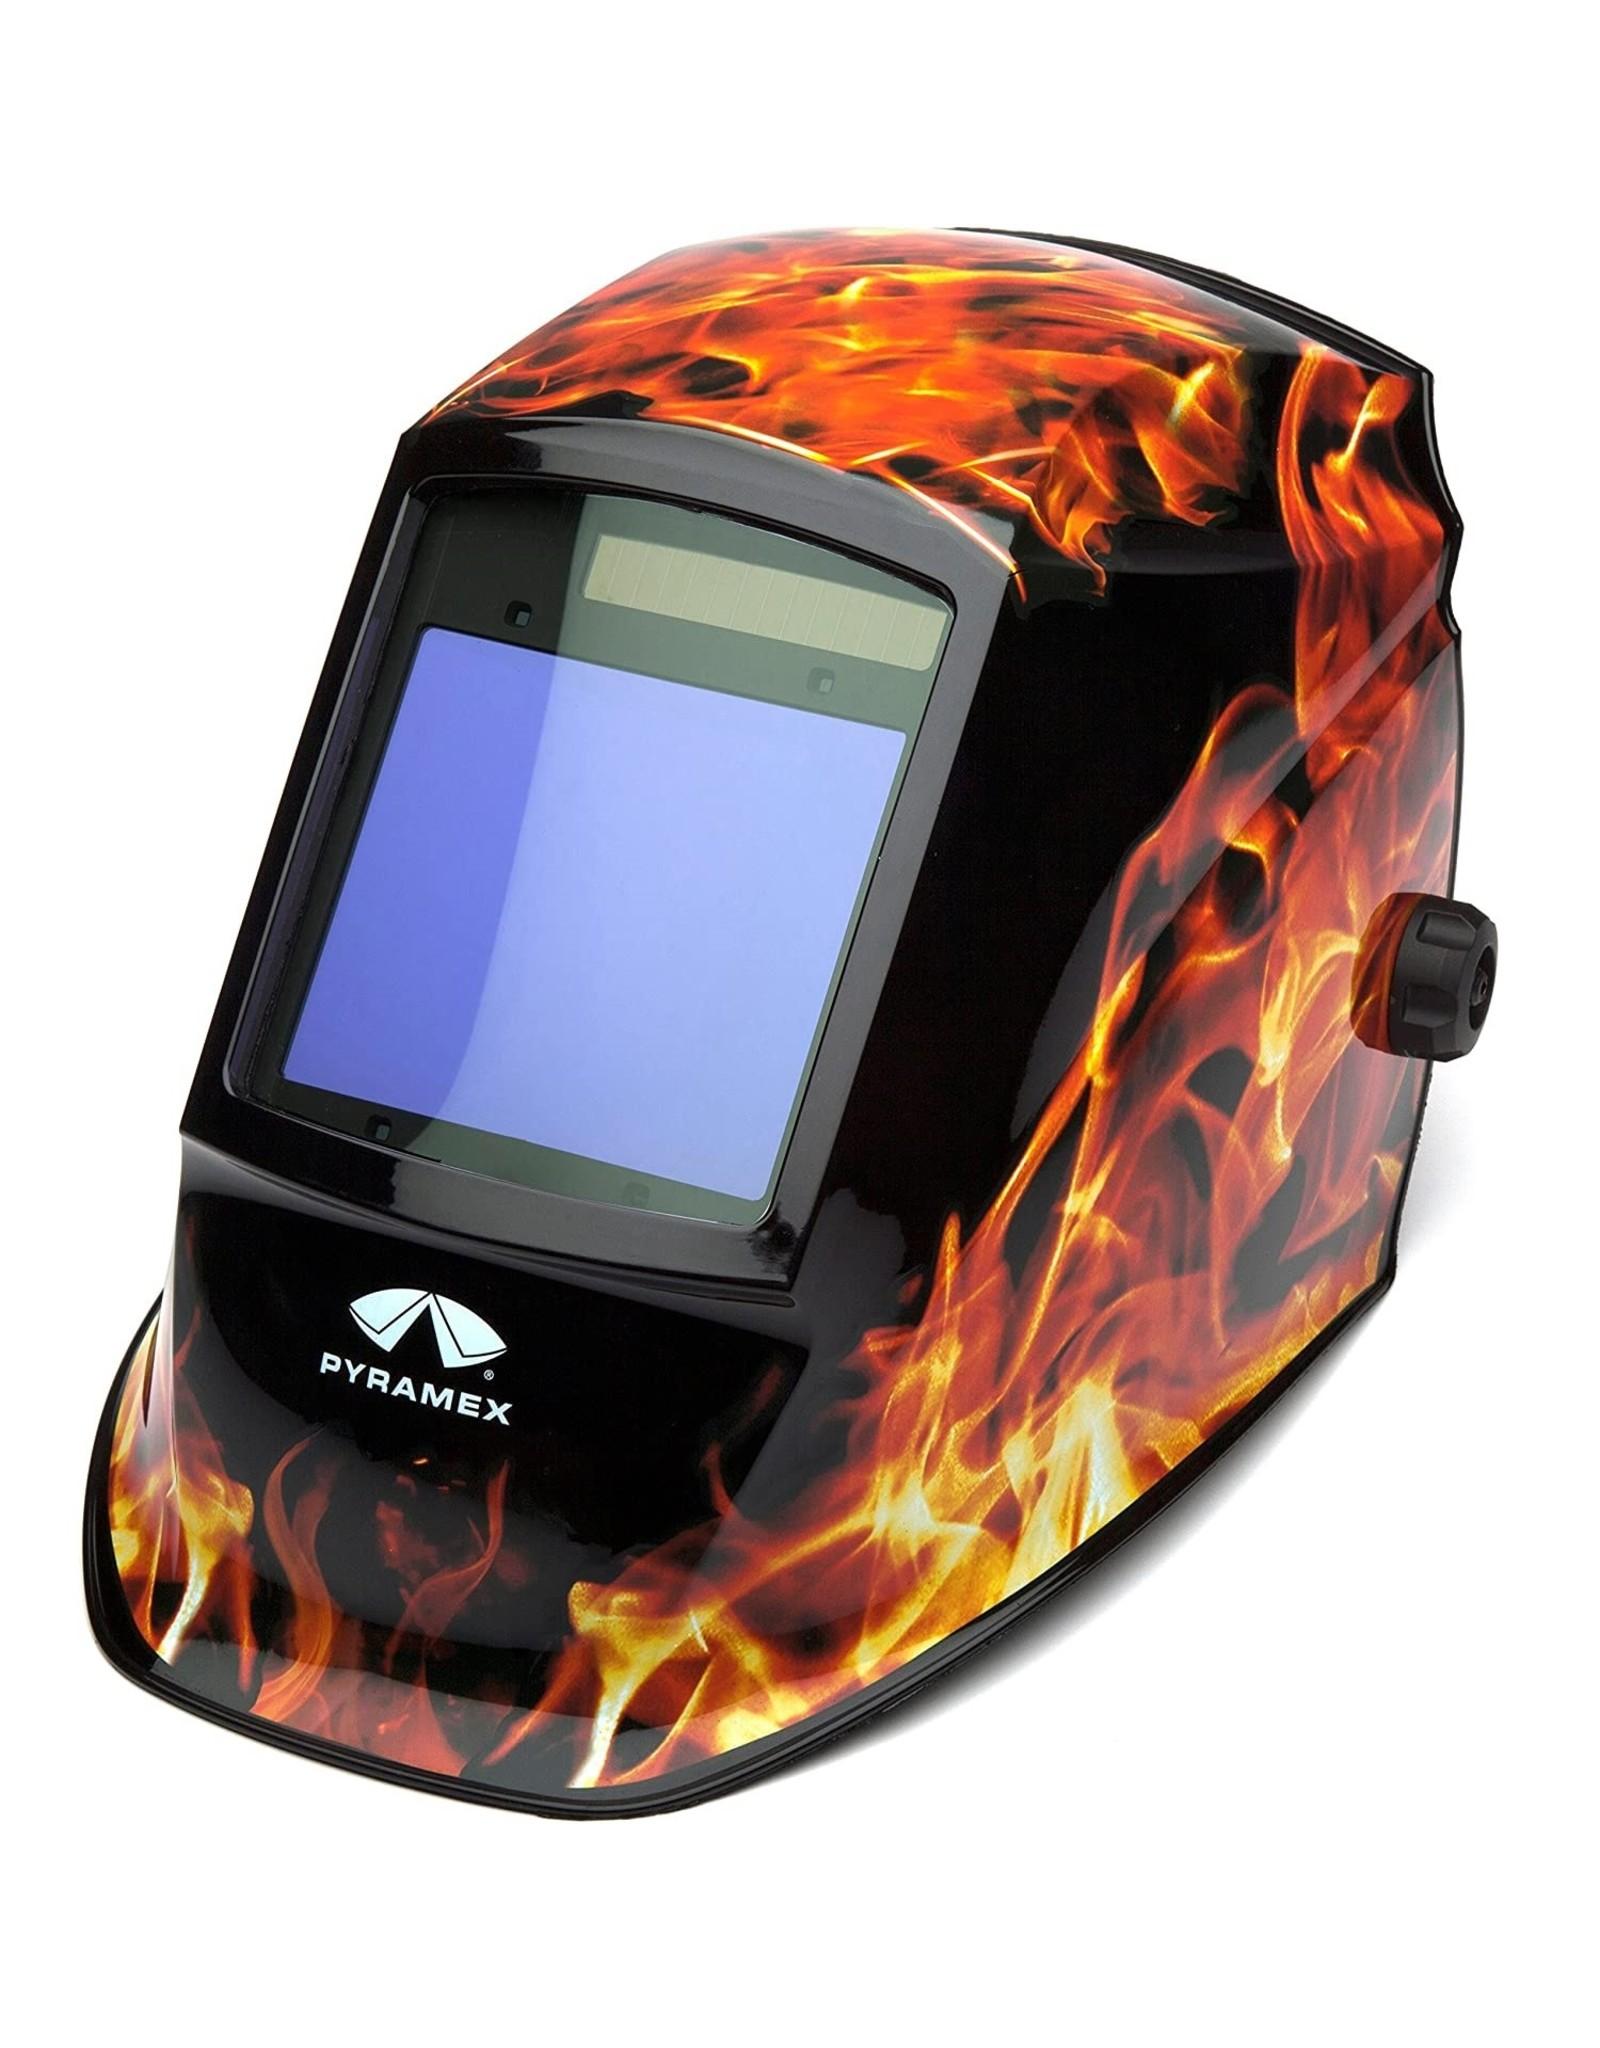 Pyramex Auto Darkening Welding Helmet - Flame